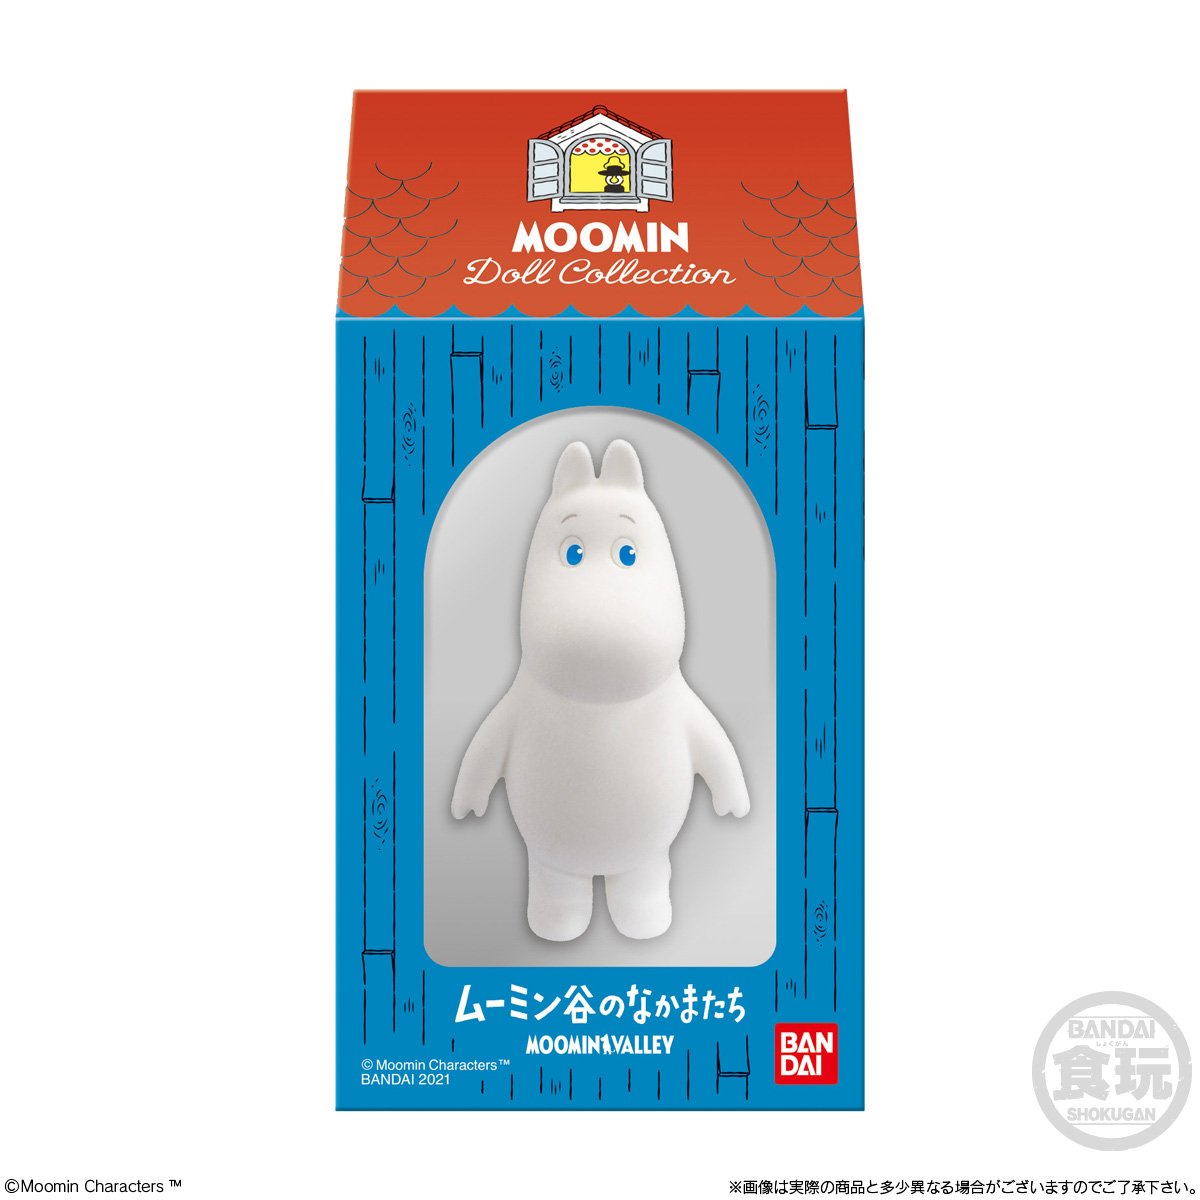 【食玩】ムーミン『MOOMIN Doll Collection』10個入りBOX-008